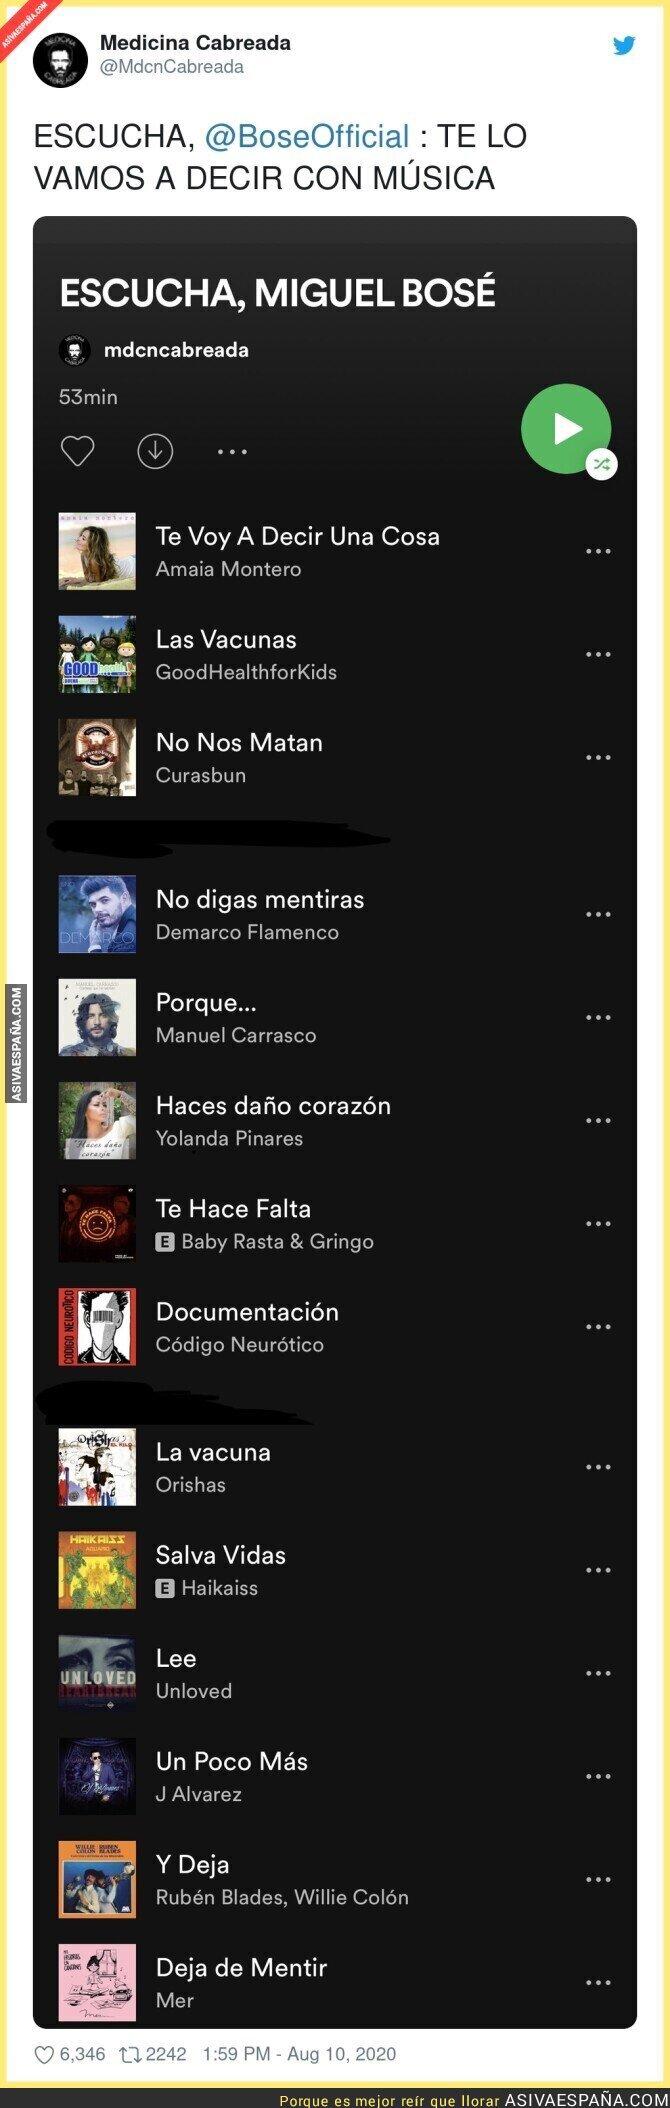 316155 - Le dedican a Miguel Bosé una lista de Spotify con canciones con un mensaje muy claro sobre las vacunas